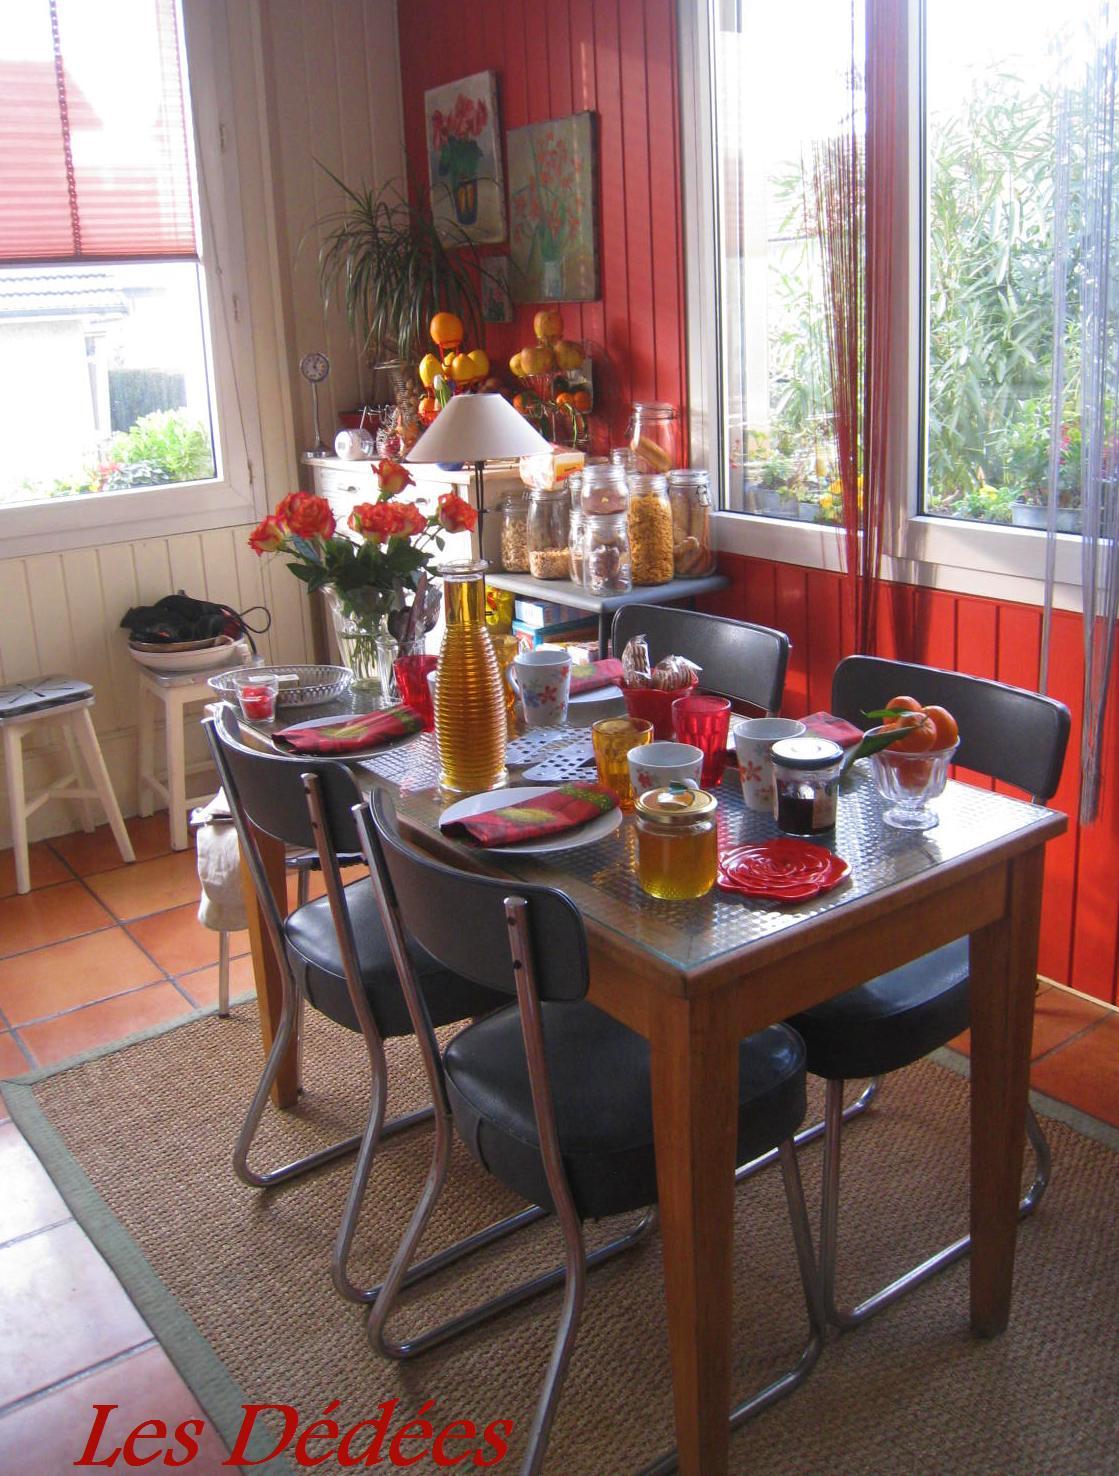 Les dedees vintage recup creations une idedee deco for Deco cuisine avec ou trouver des chaises